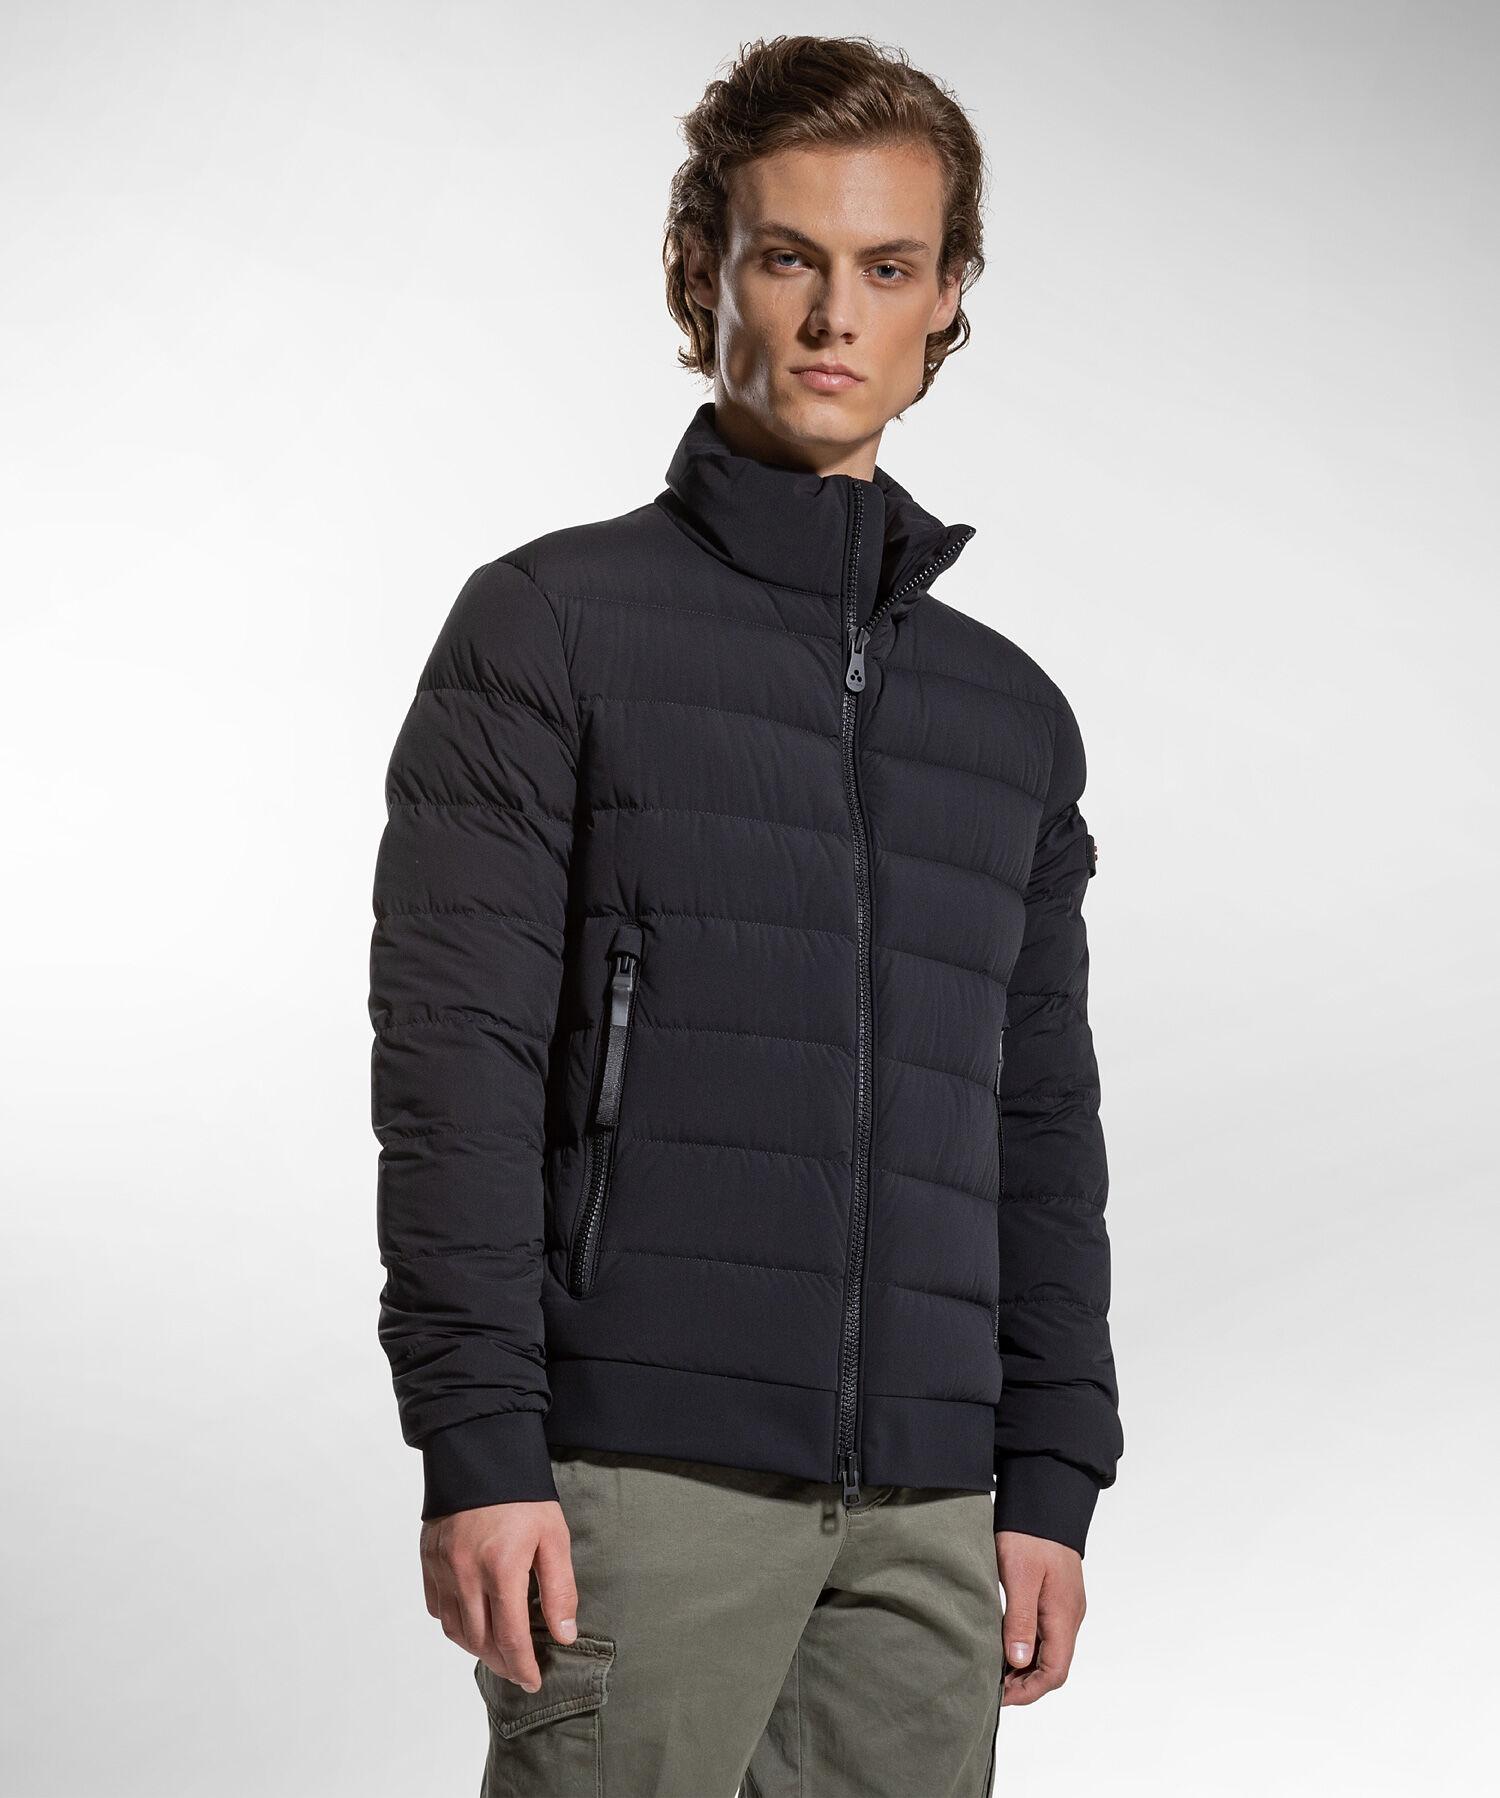 Piumino in nylon e jersey - Peuterey